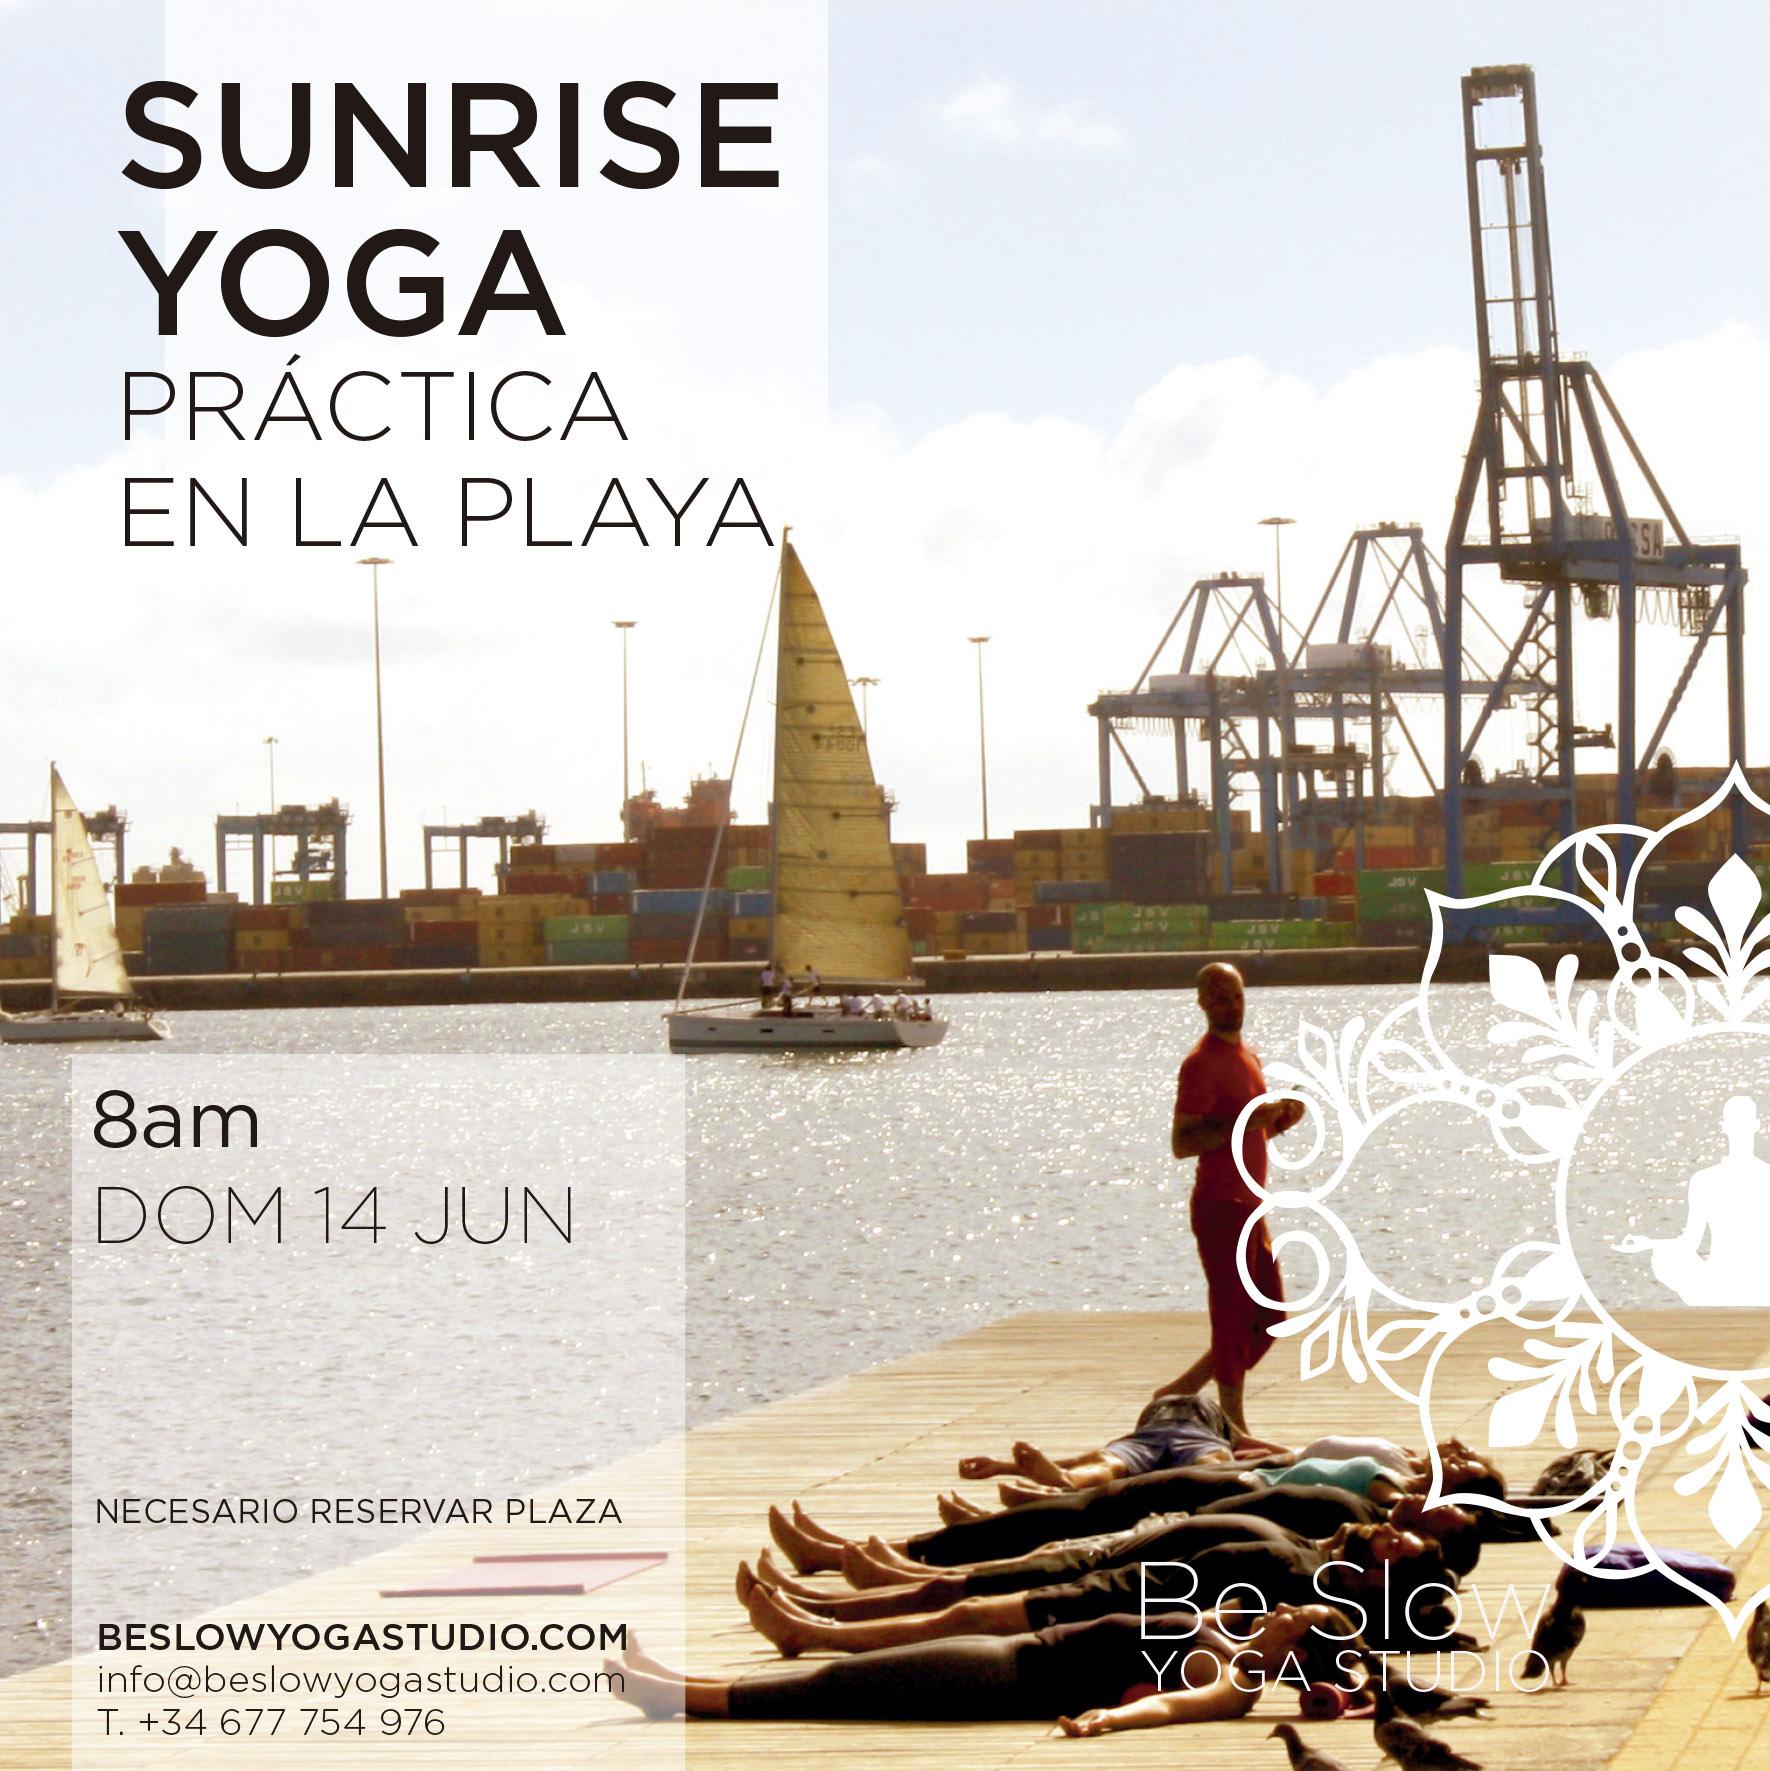 ¿Te animas a empezar el domingo practicando junto al mar?